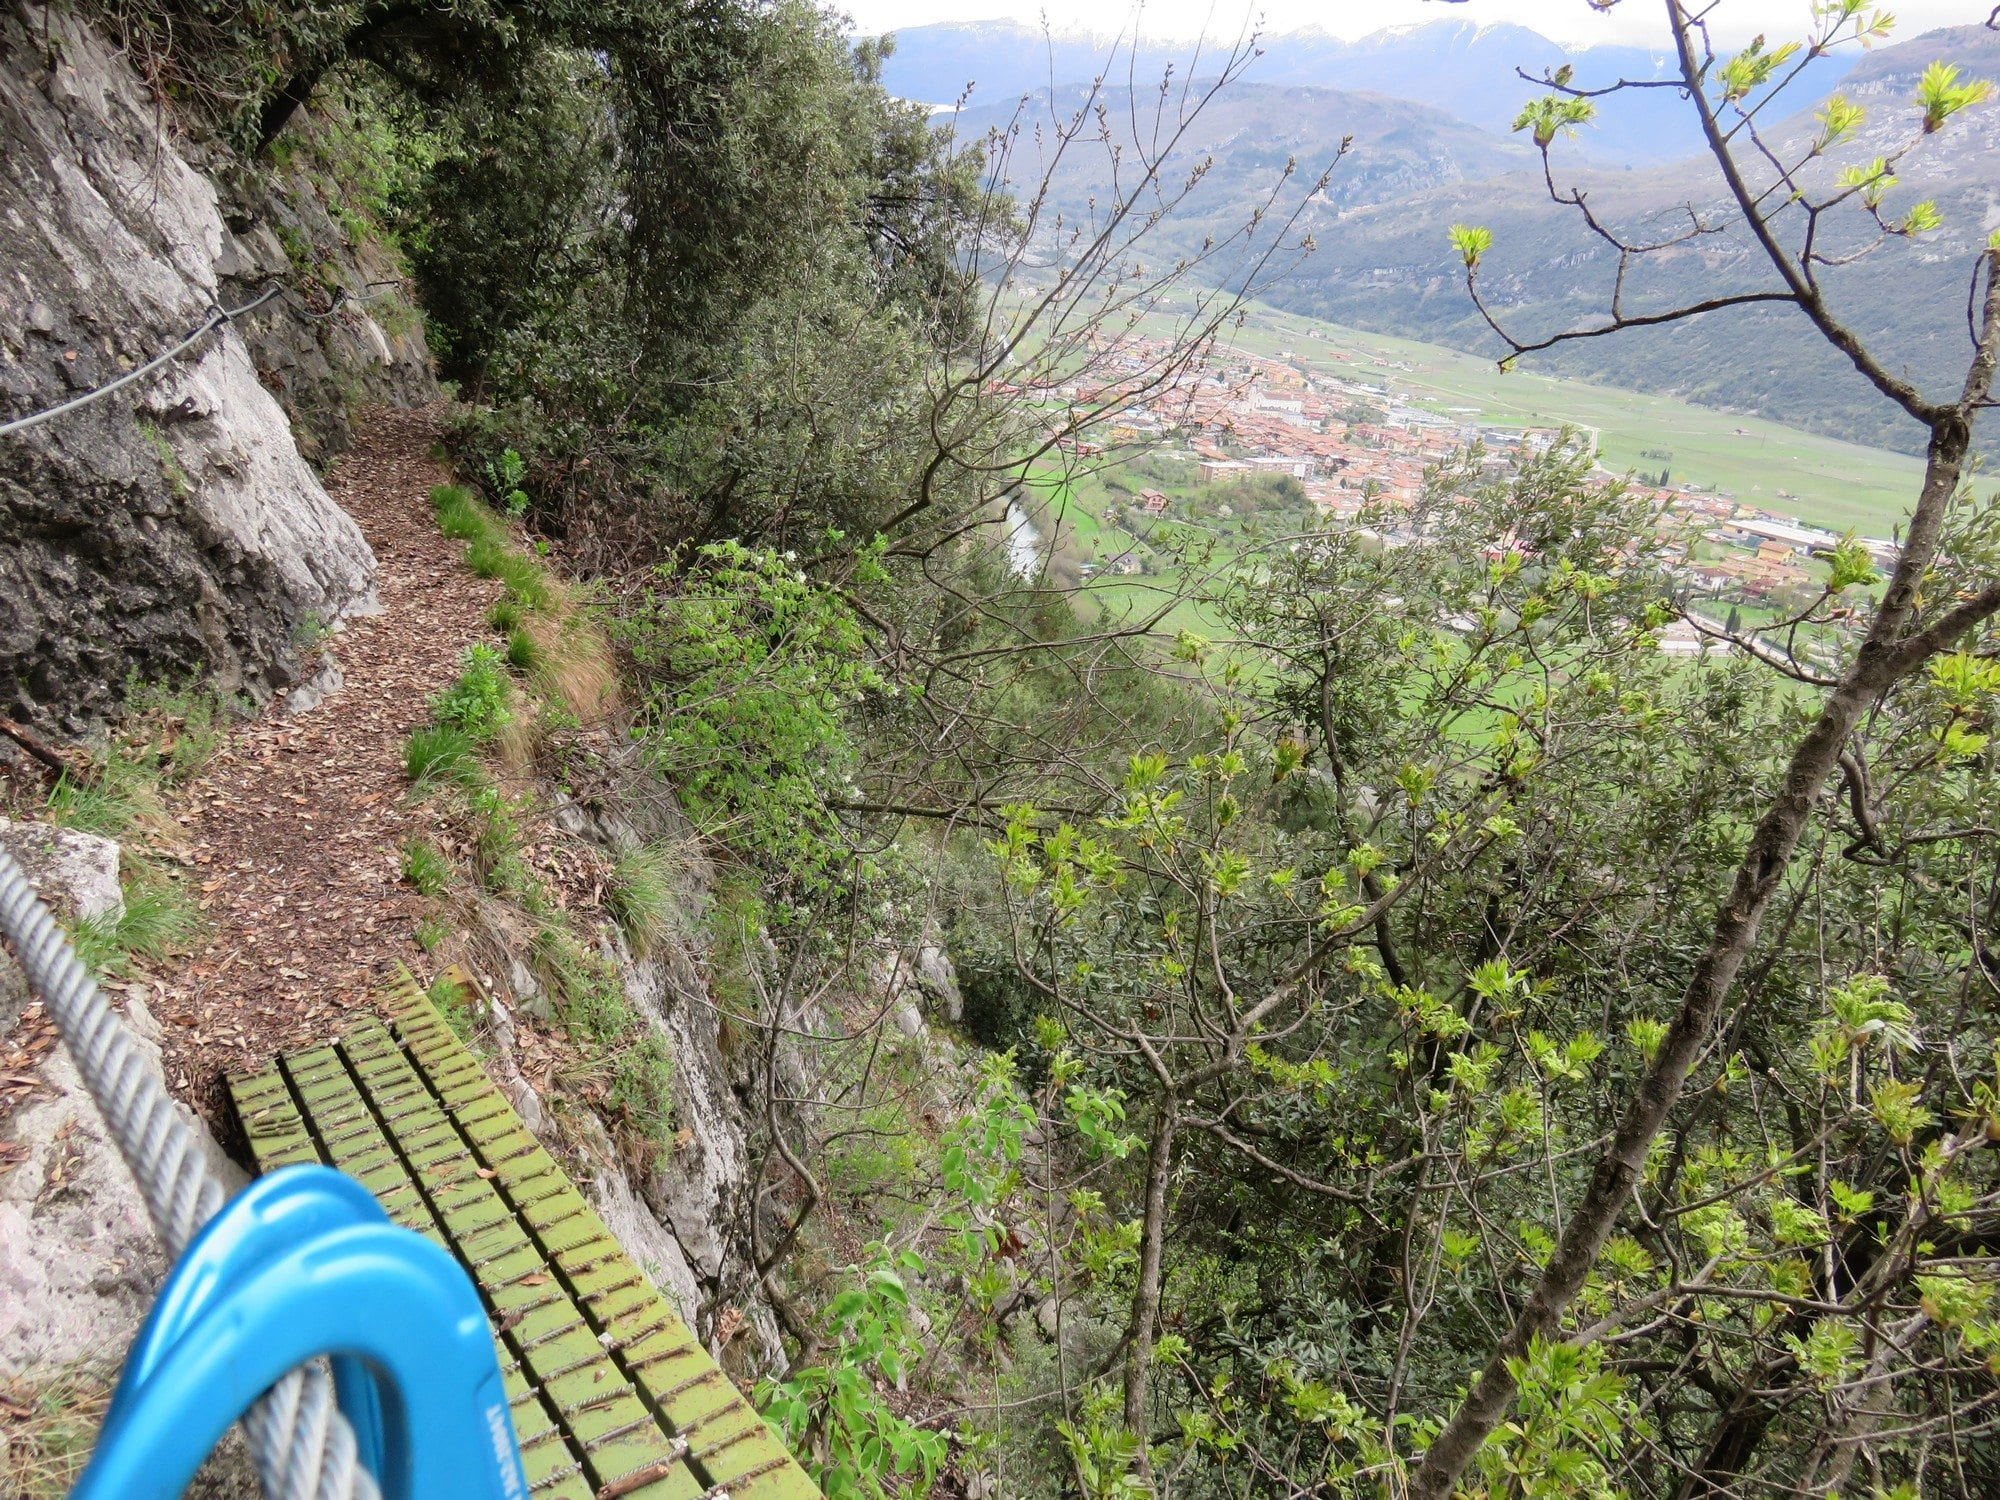 ויה פראטה Scaloni, ארקו, דולומיטים, טיול אתגרי צפון איטליה, ערוצים בטבע